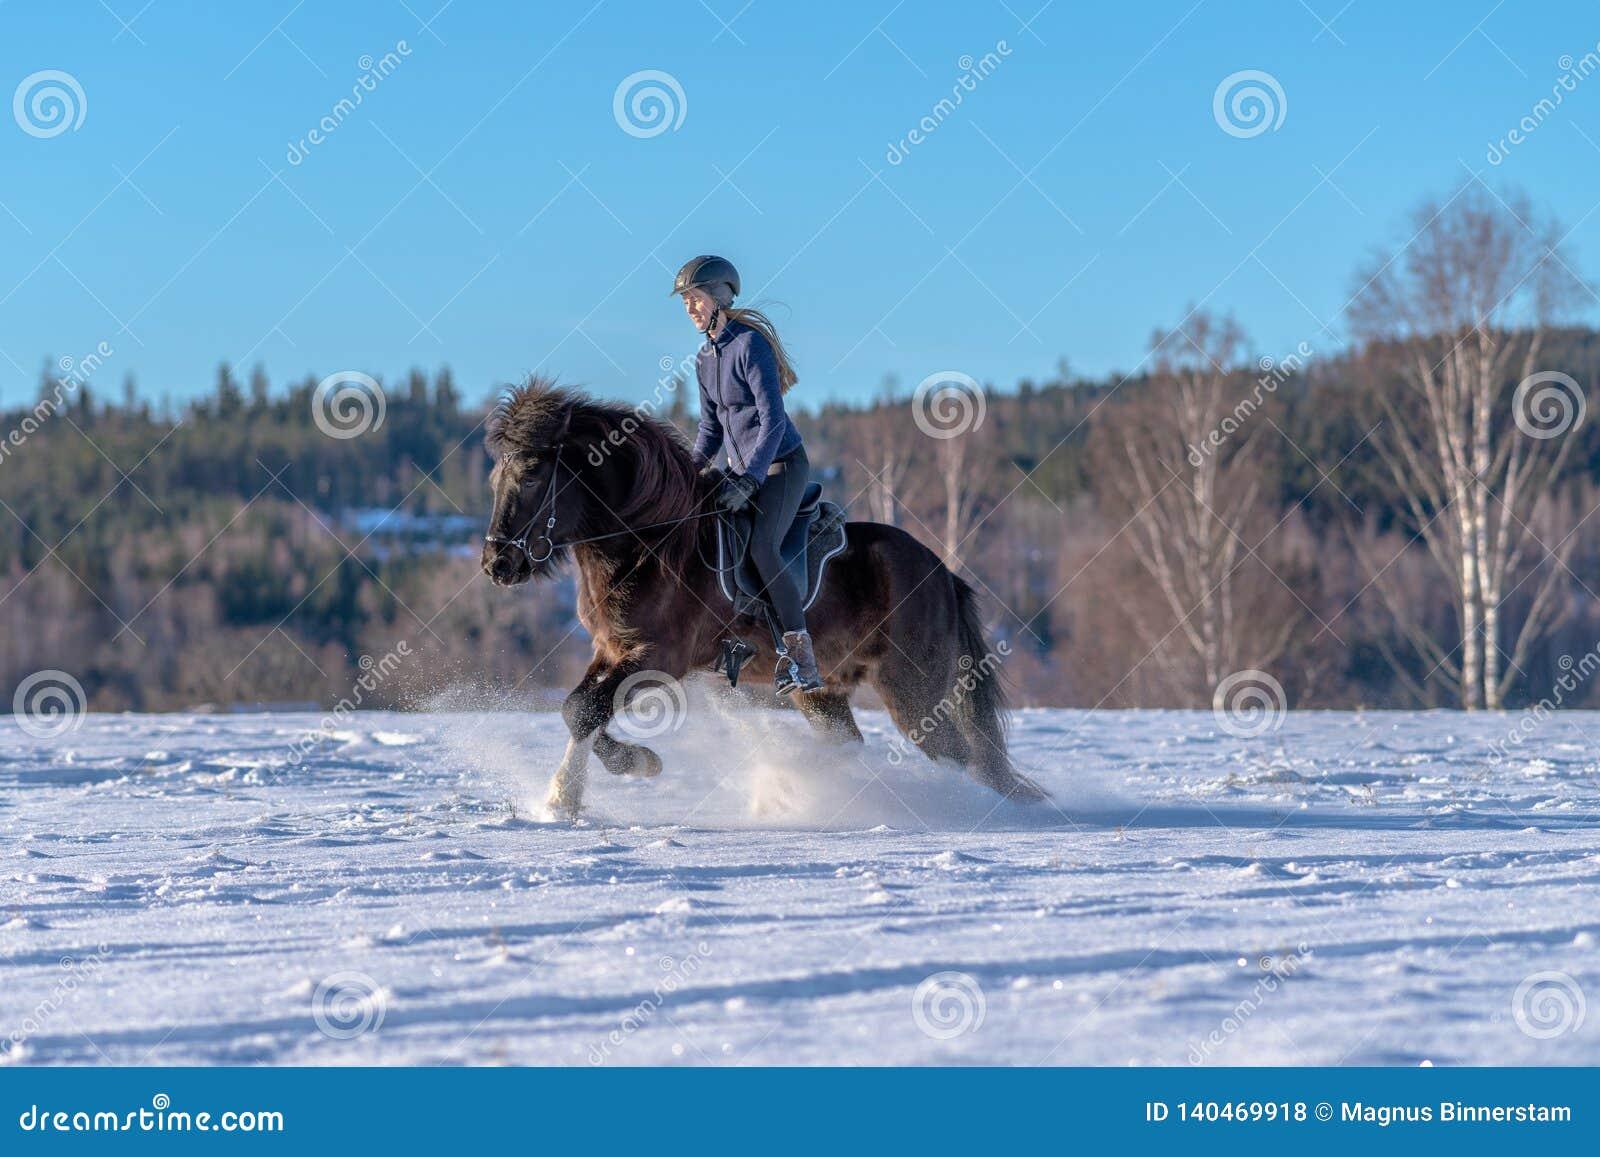 骑她的在深雪和阳光的年轻女人冰岛马